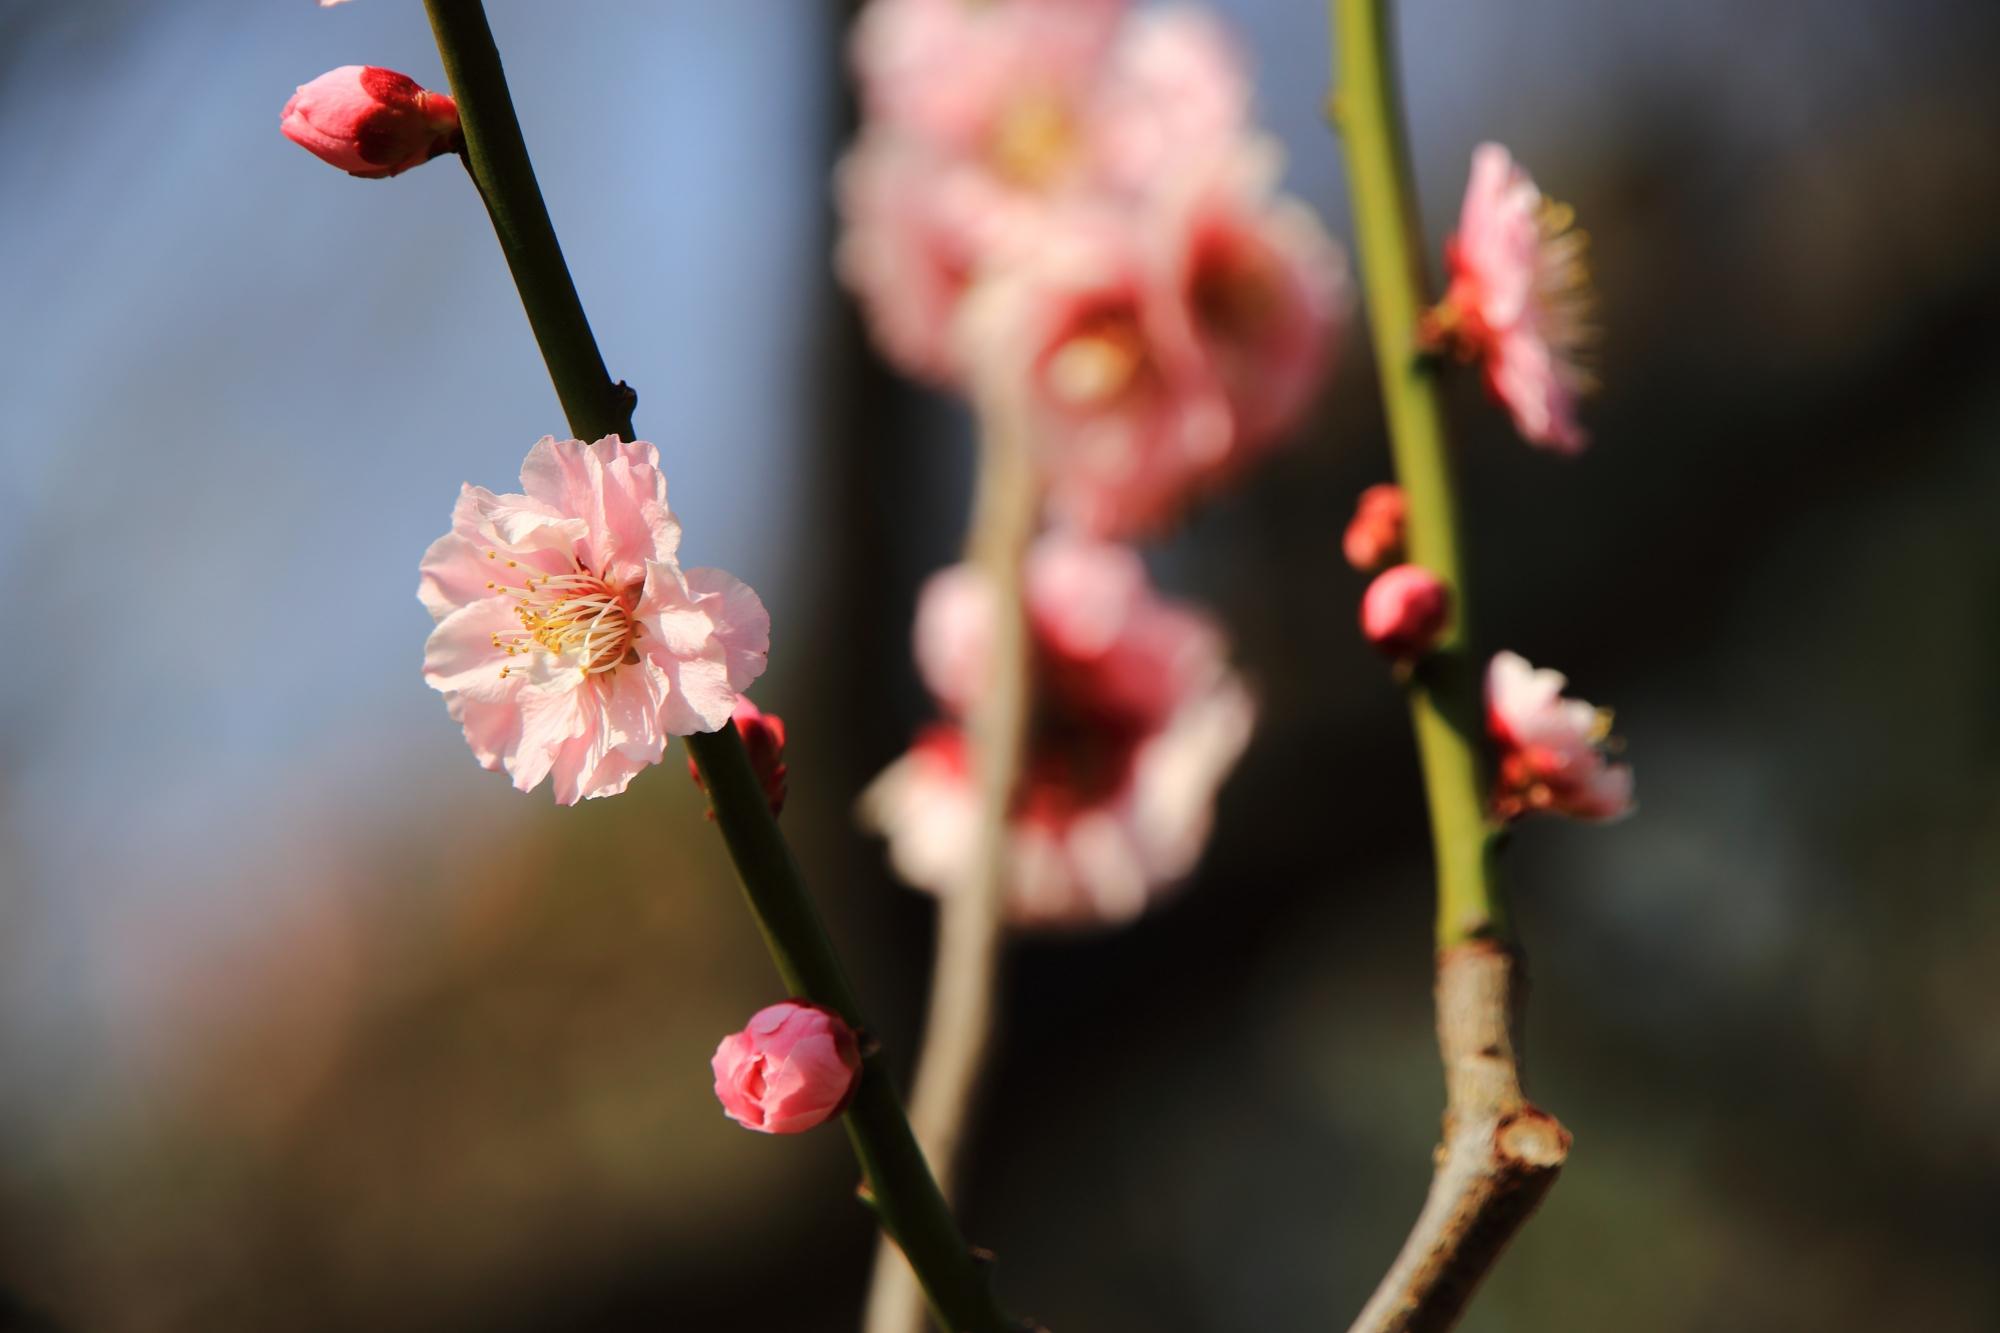 薄いピンクの華やかな梅の花